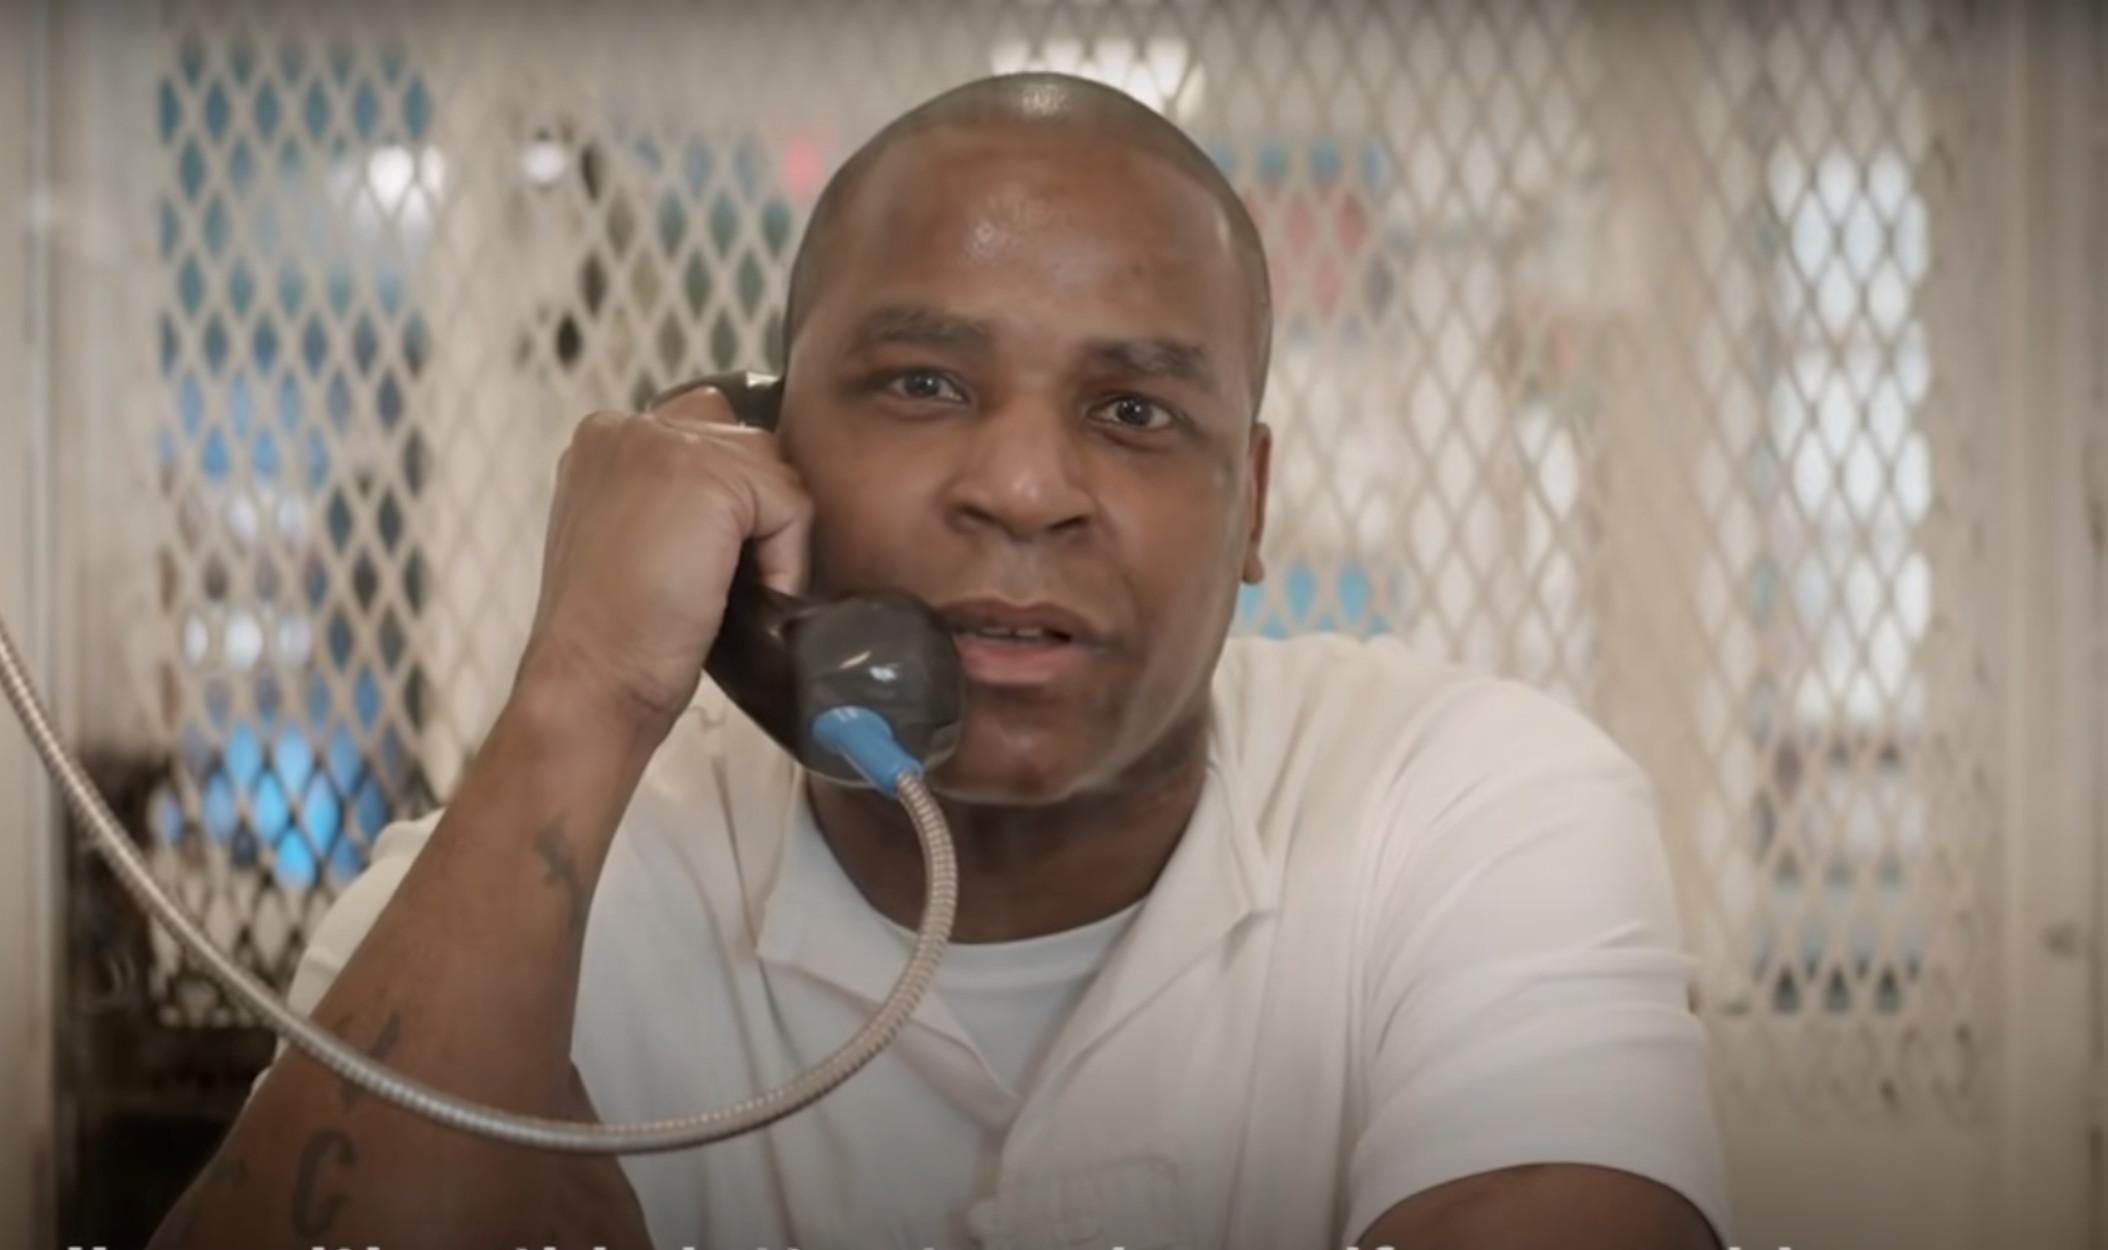 Τέξας: Εκτελέστηκε ο Αφροαμερικανός που είχε ζητήσει χάρη – Η πρώτη εκτέλεση για φέτος (video)